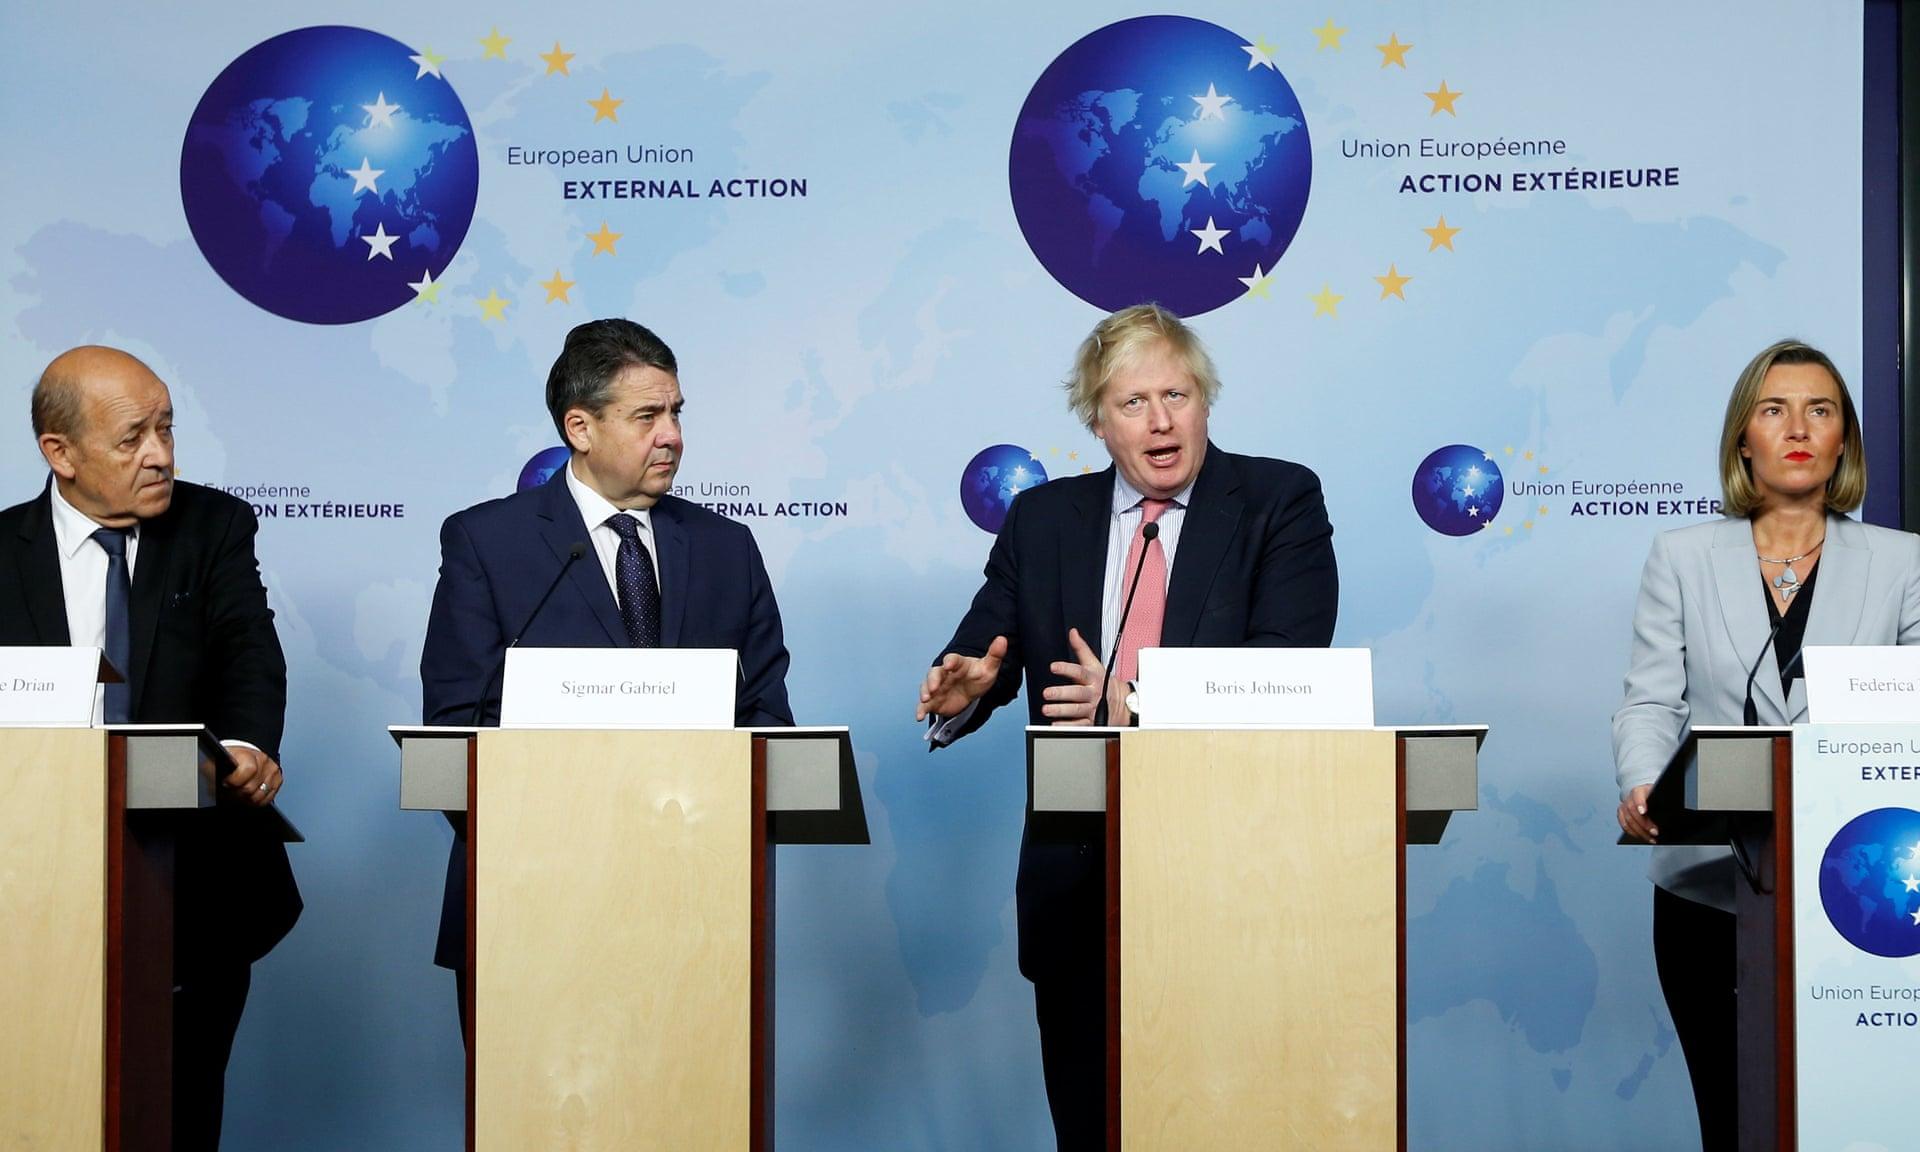 I ministri degli Esteri Jean-Yves Le Drian (Francia), Sigmar Gabriel (Germania), Boris Johnson (Regno Unito) e Federica Mogherini (UE) parlano dopo un incontro a Bruxelles sul nucleare iraniano. Credits to: Francois Lenoir/Reuters francese.